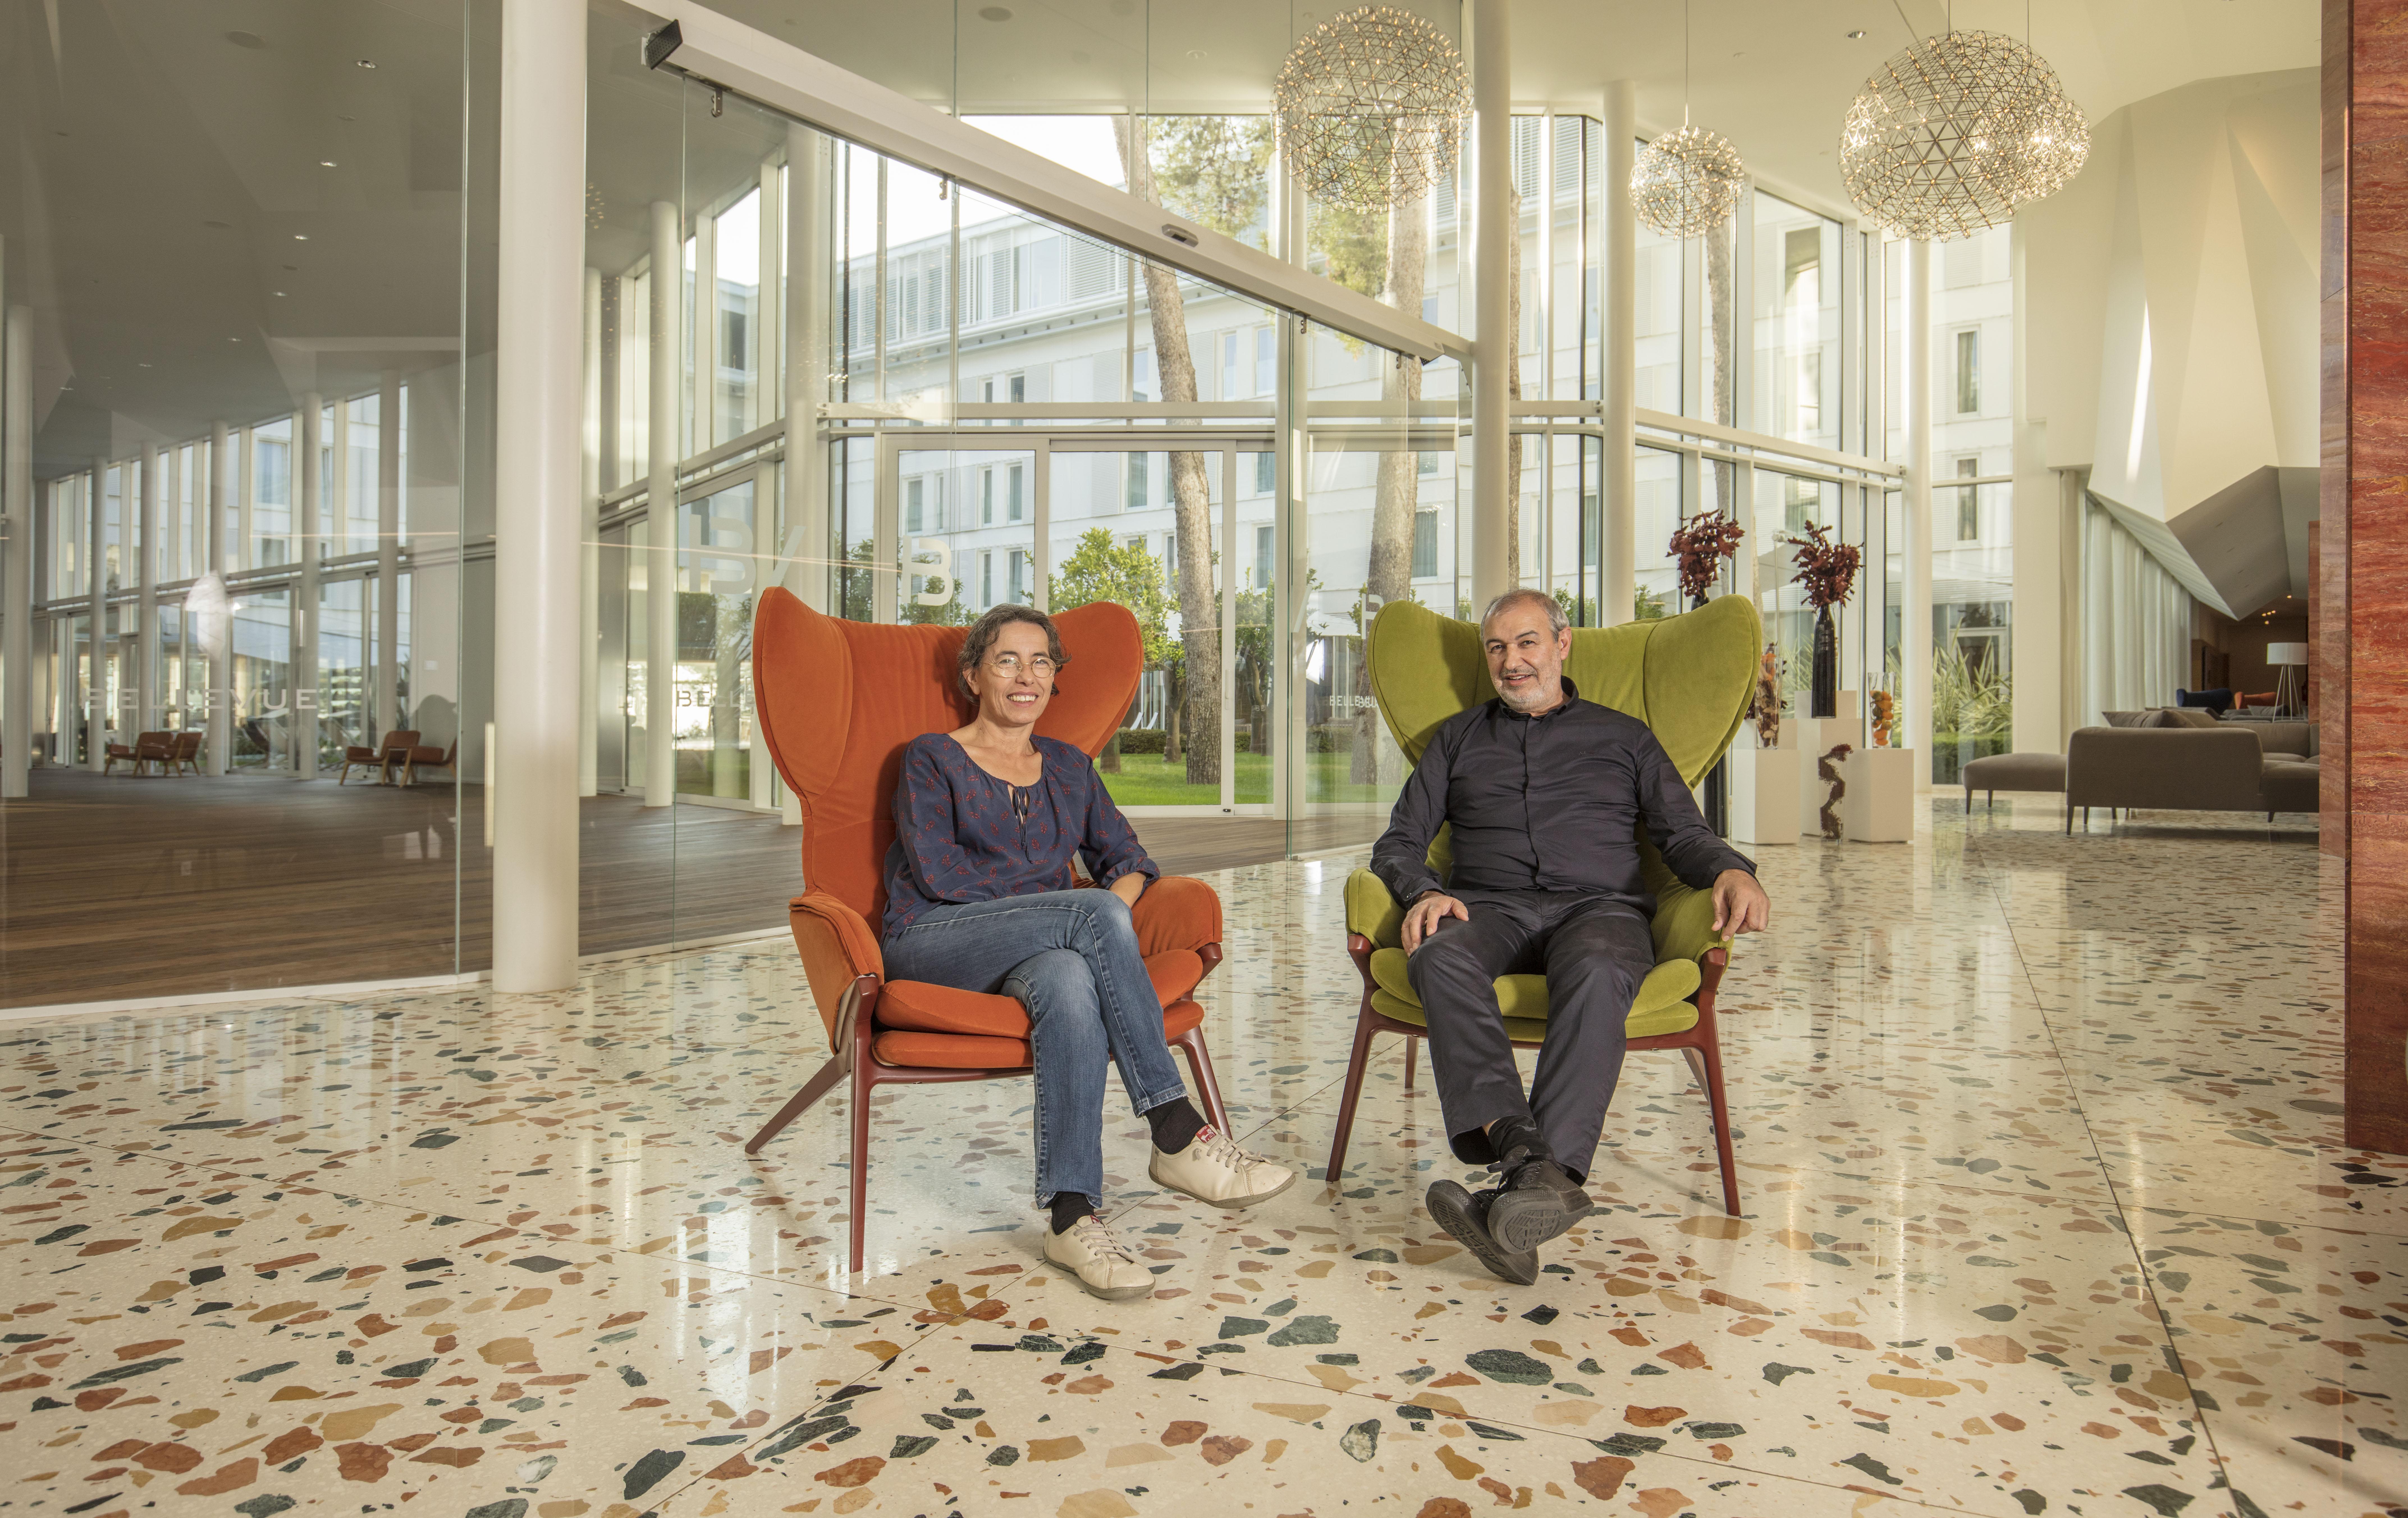 Carme Pigem i Ramon Vilalta iz RCR Arquitectes u Lošinju su odsjeli u hotelu Bellevue koji je preuređen prema projektu njihova kolege i prijatelja Andrije Rusana